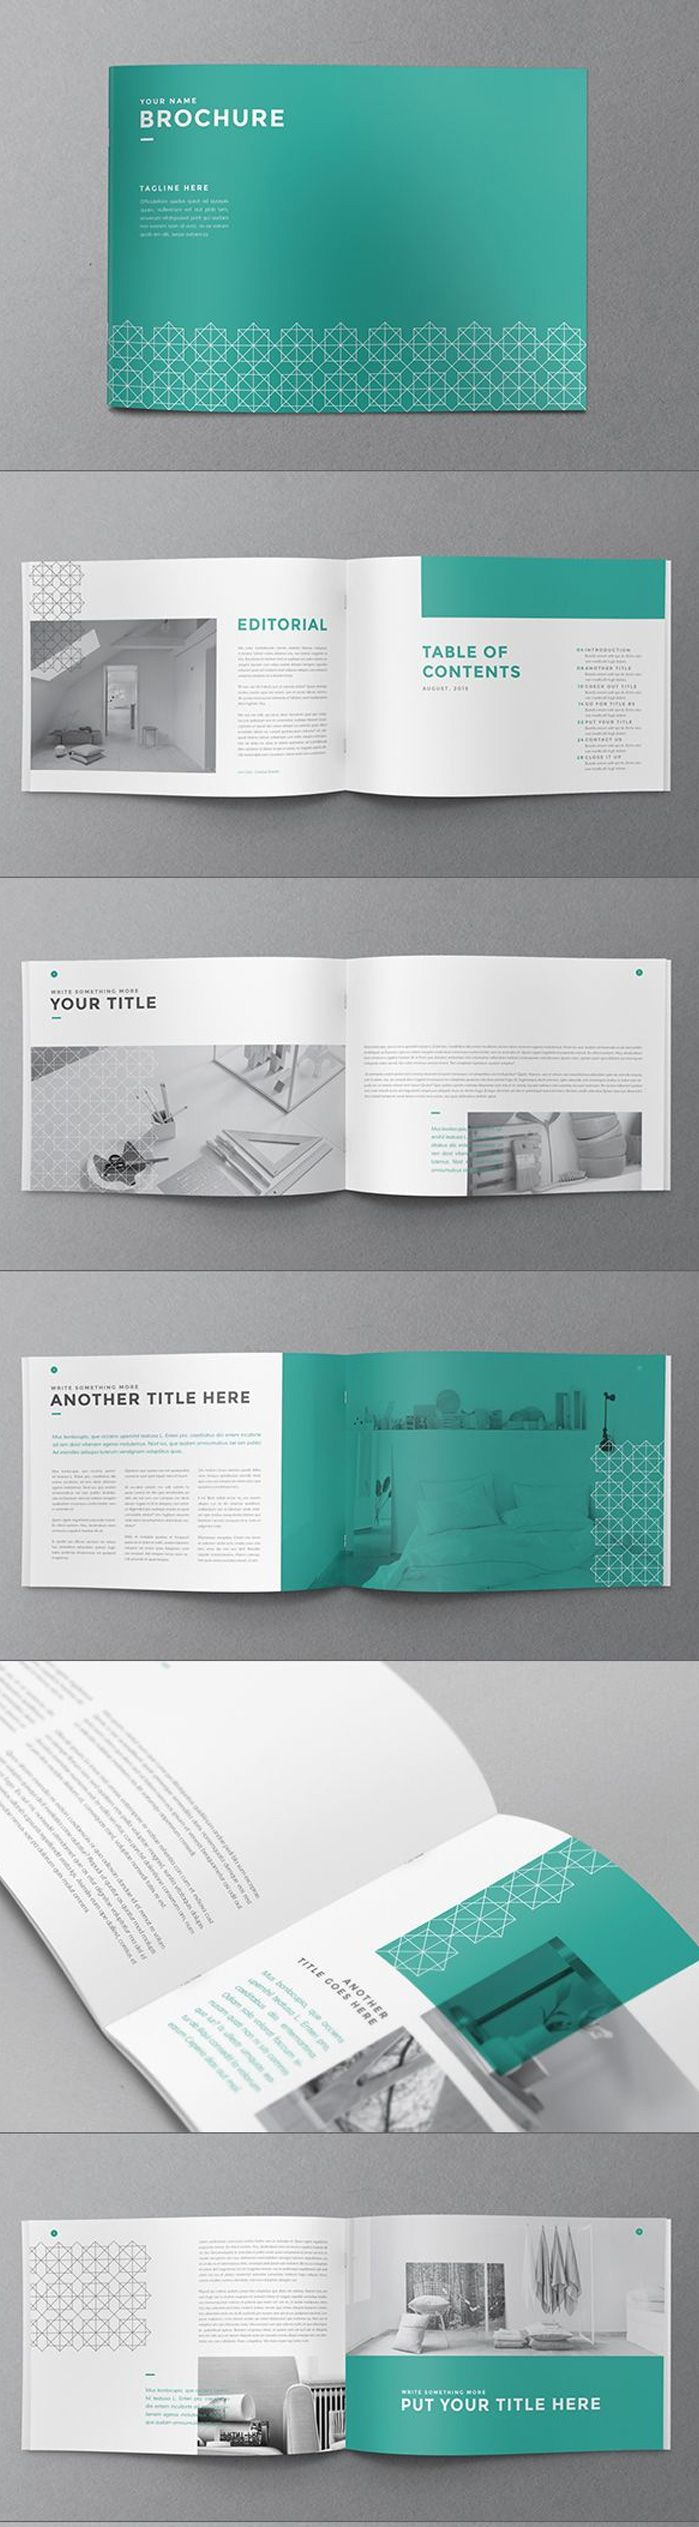 blog_diseño_grafico 2